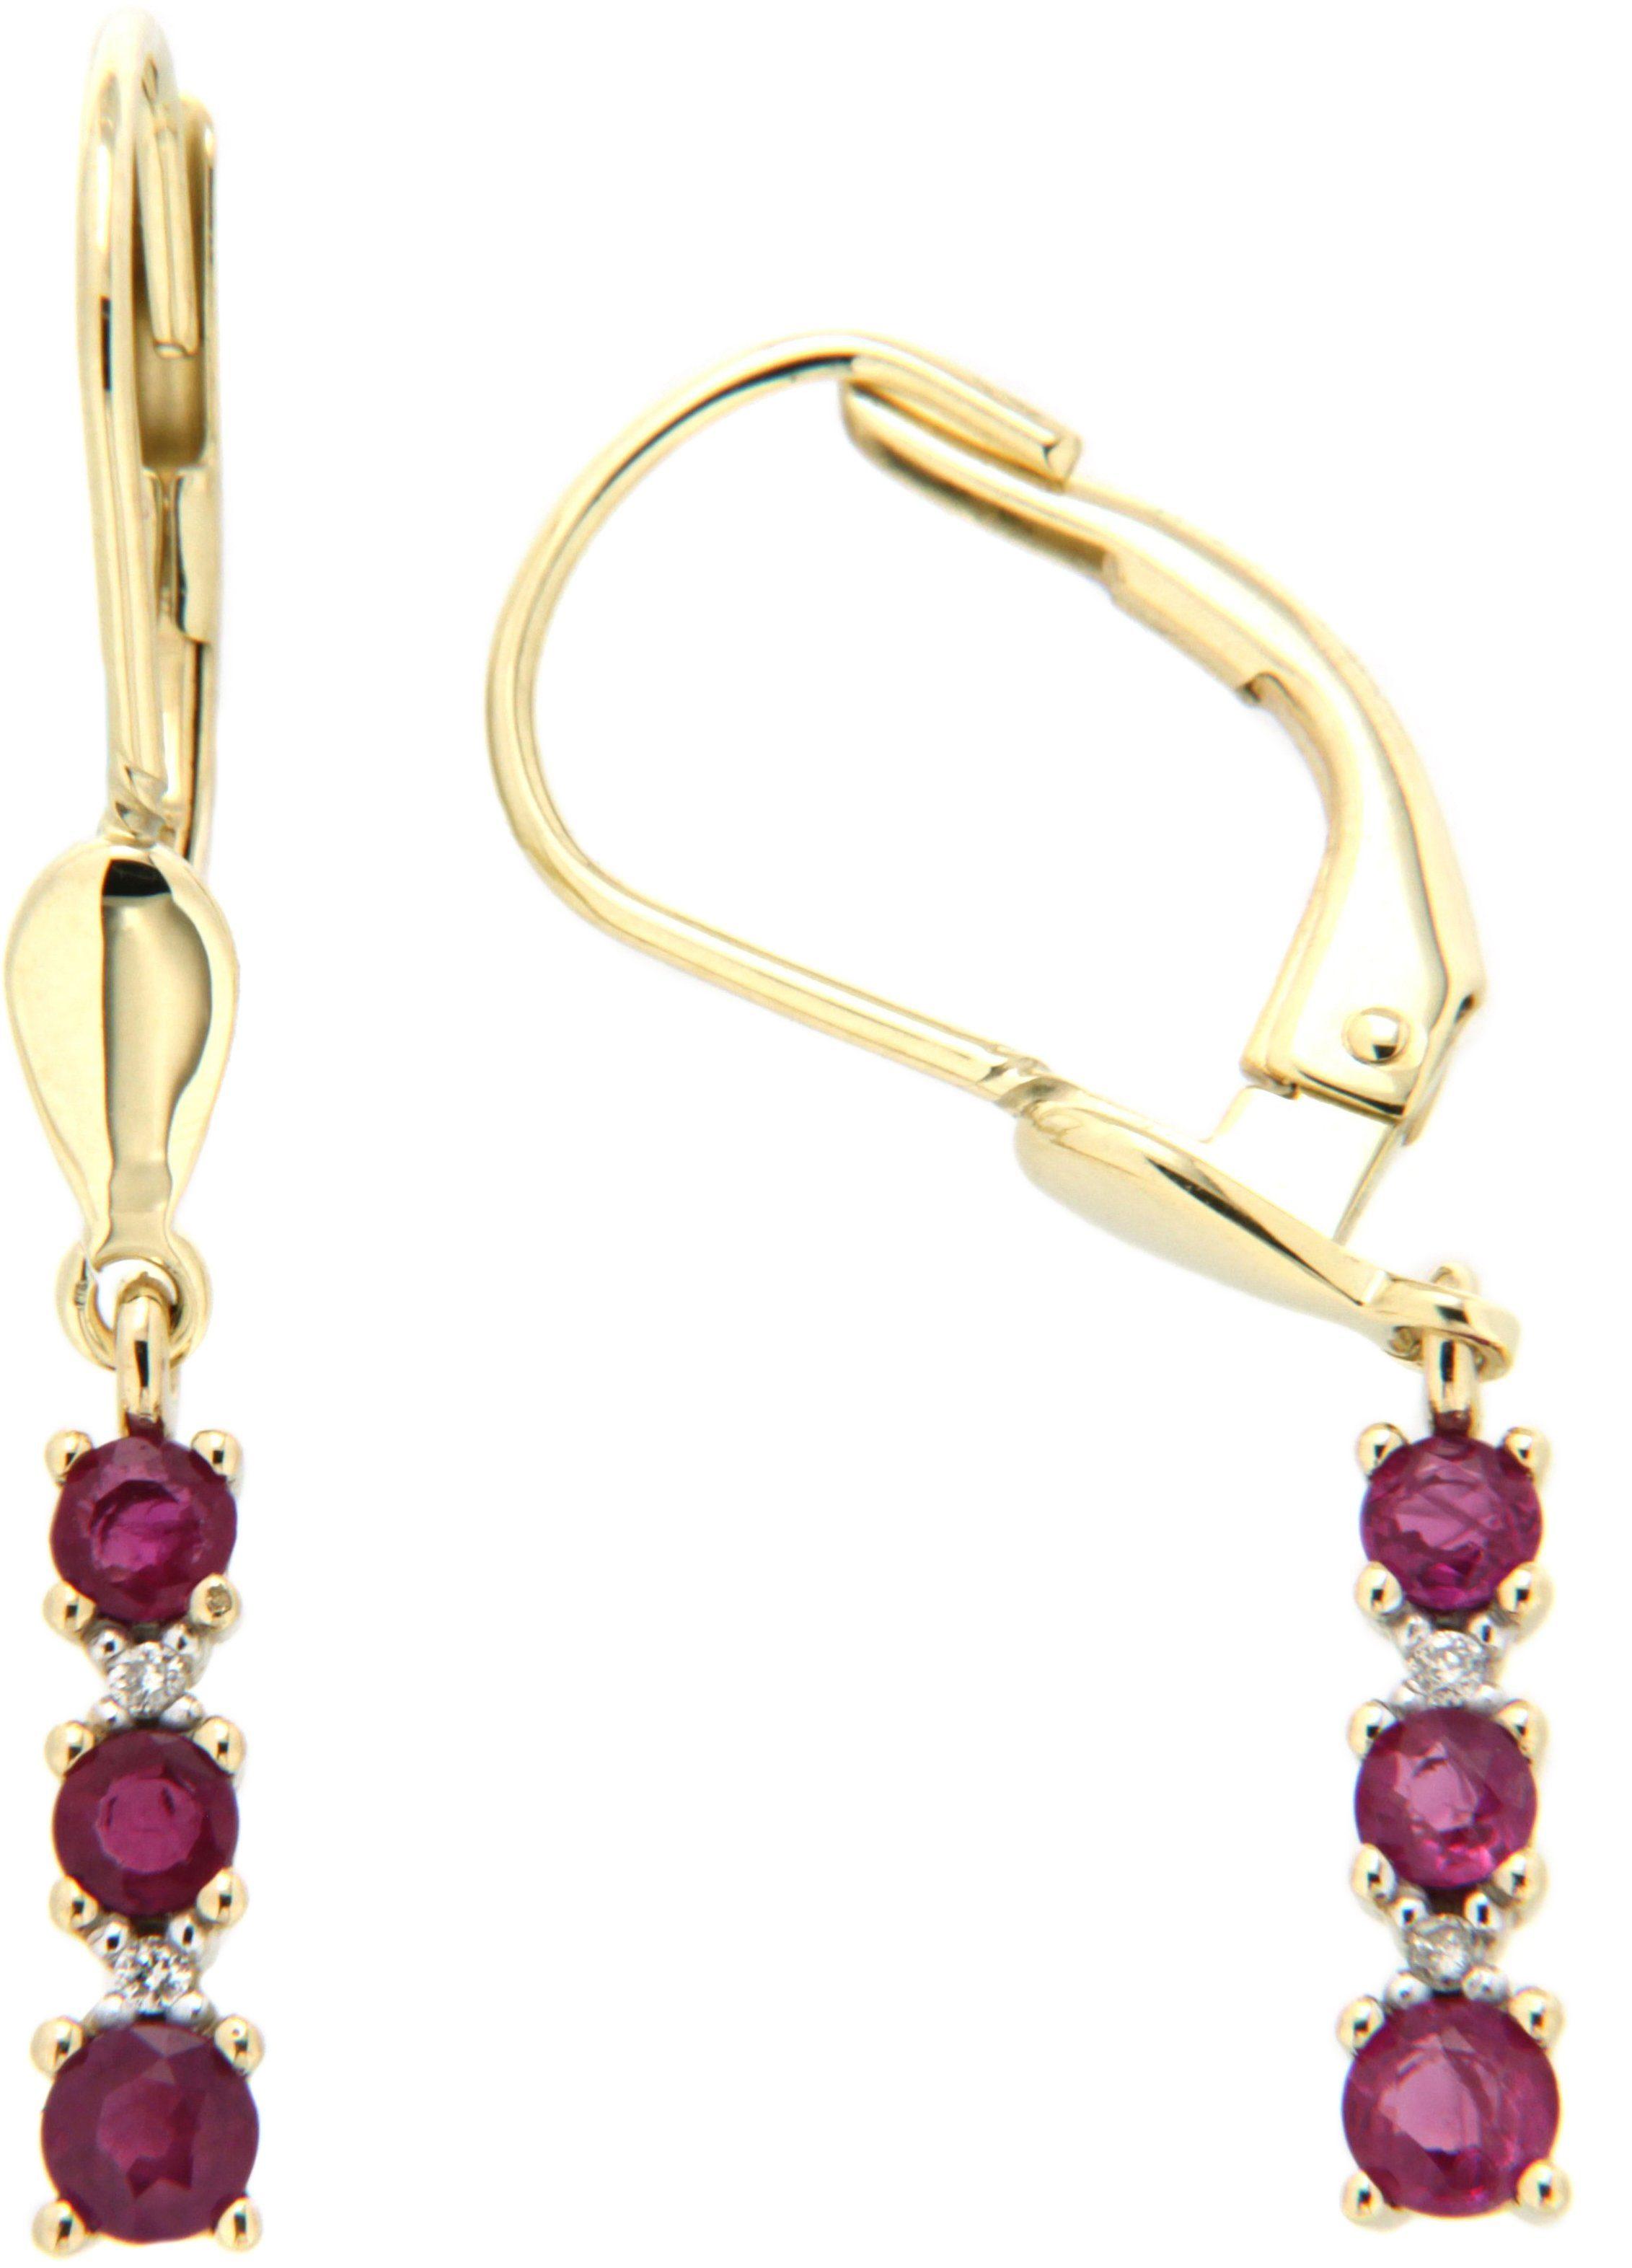 Vivance Jewels Paar Ohrhänger mit Rubinen und Brillanten